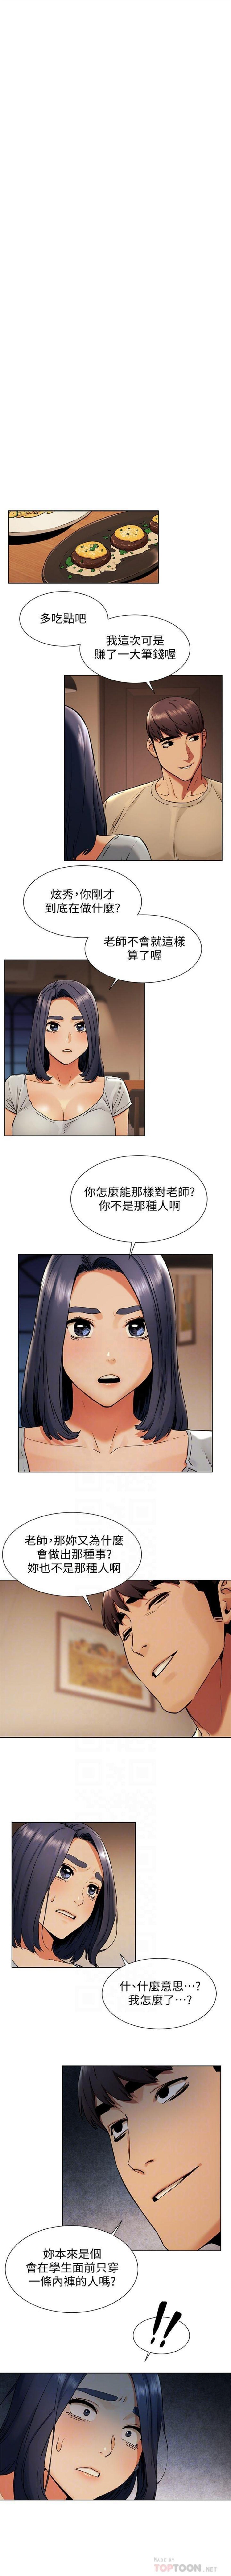 衝突 1-100官方中文(連載中) 560